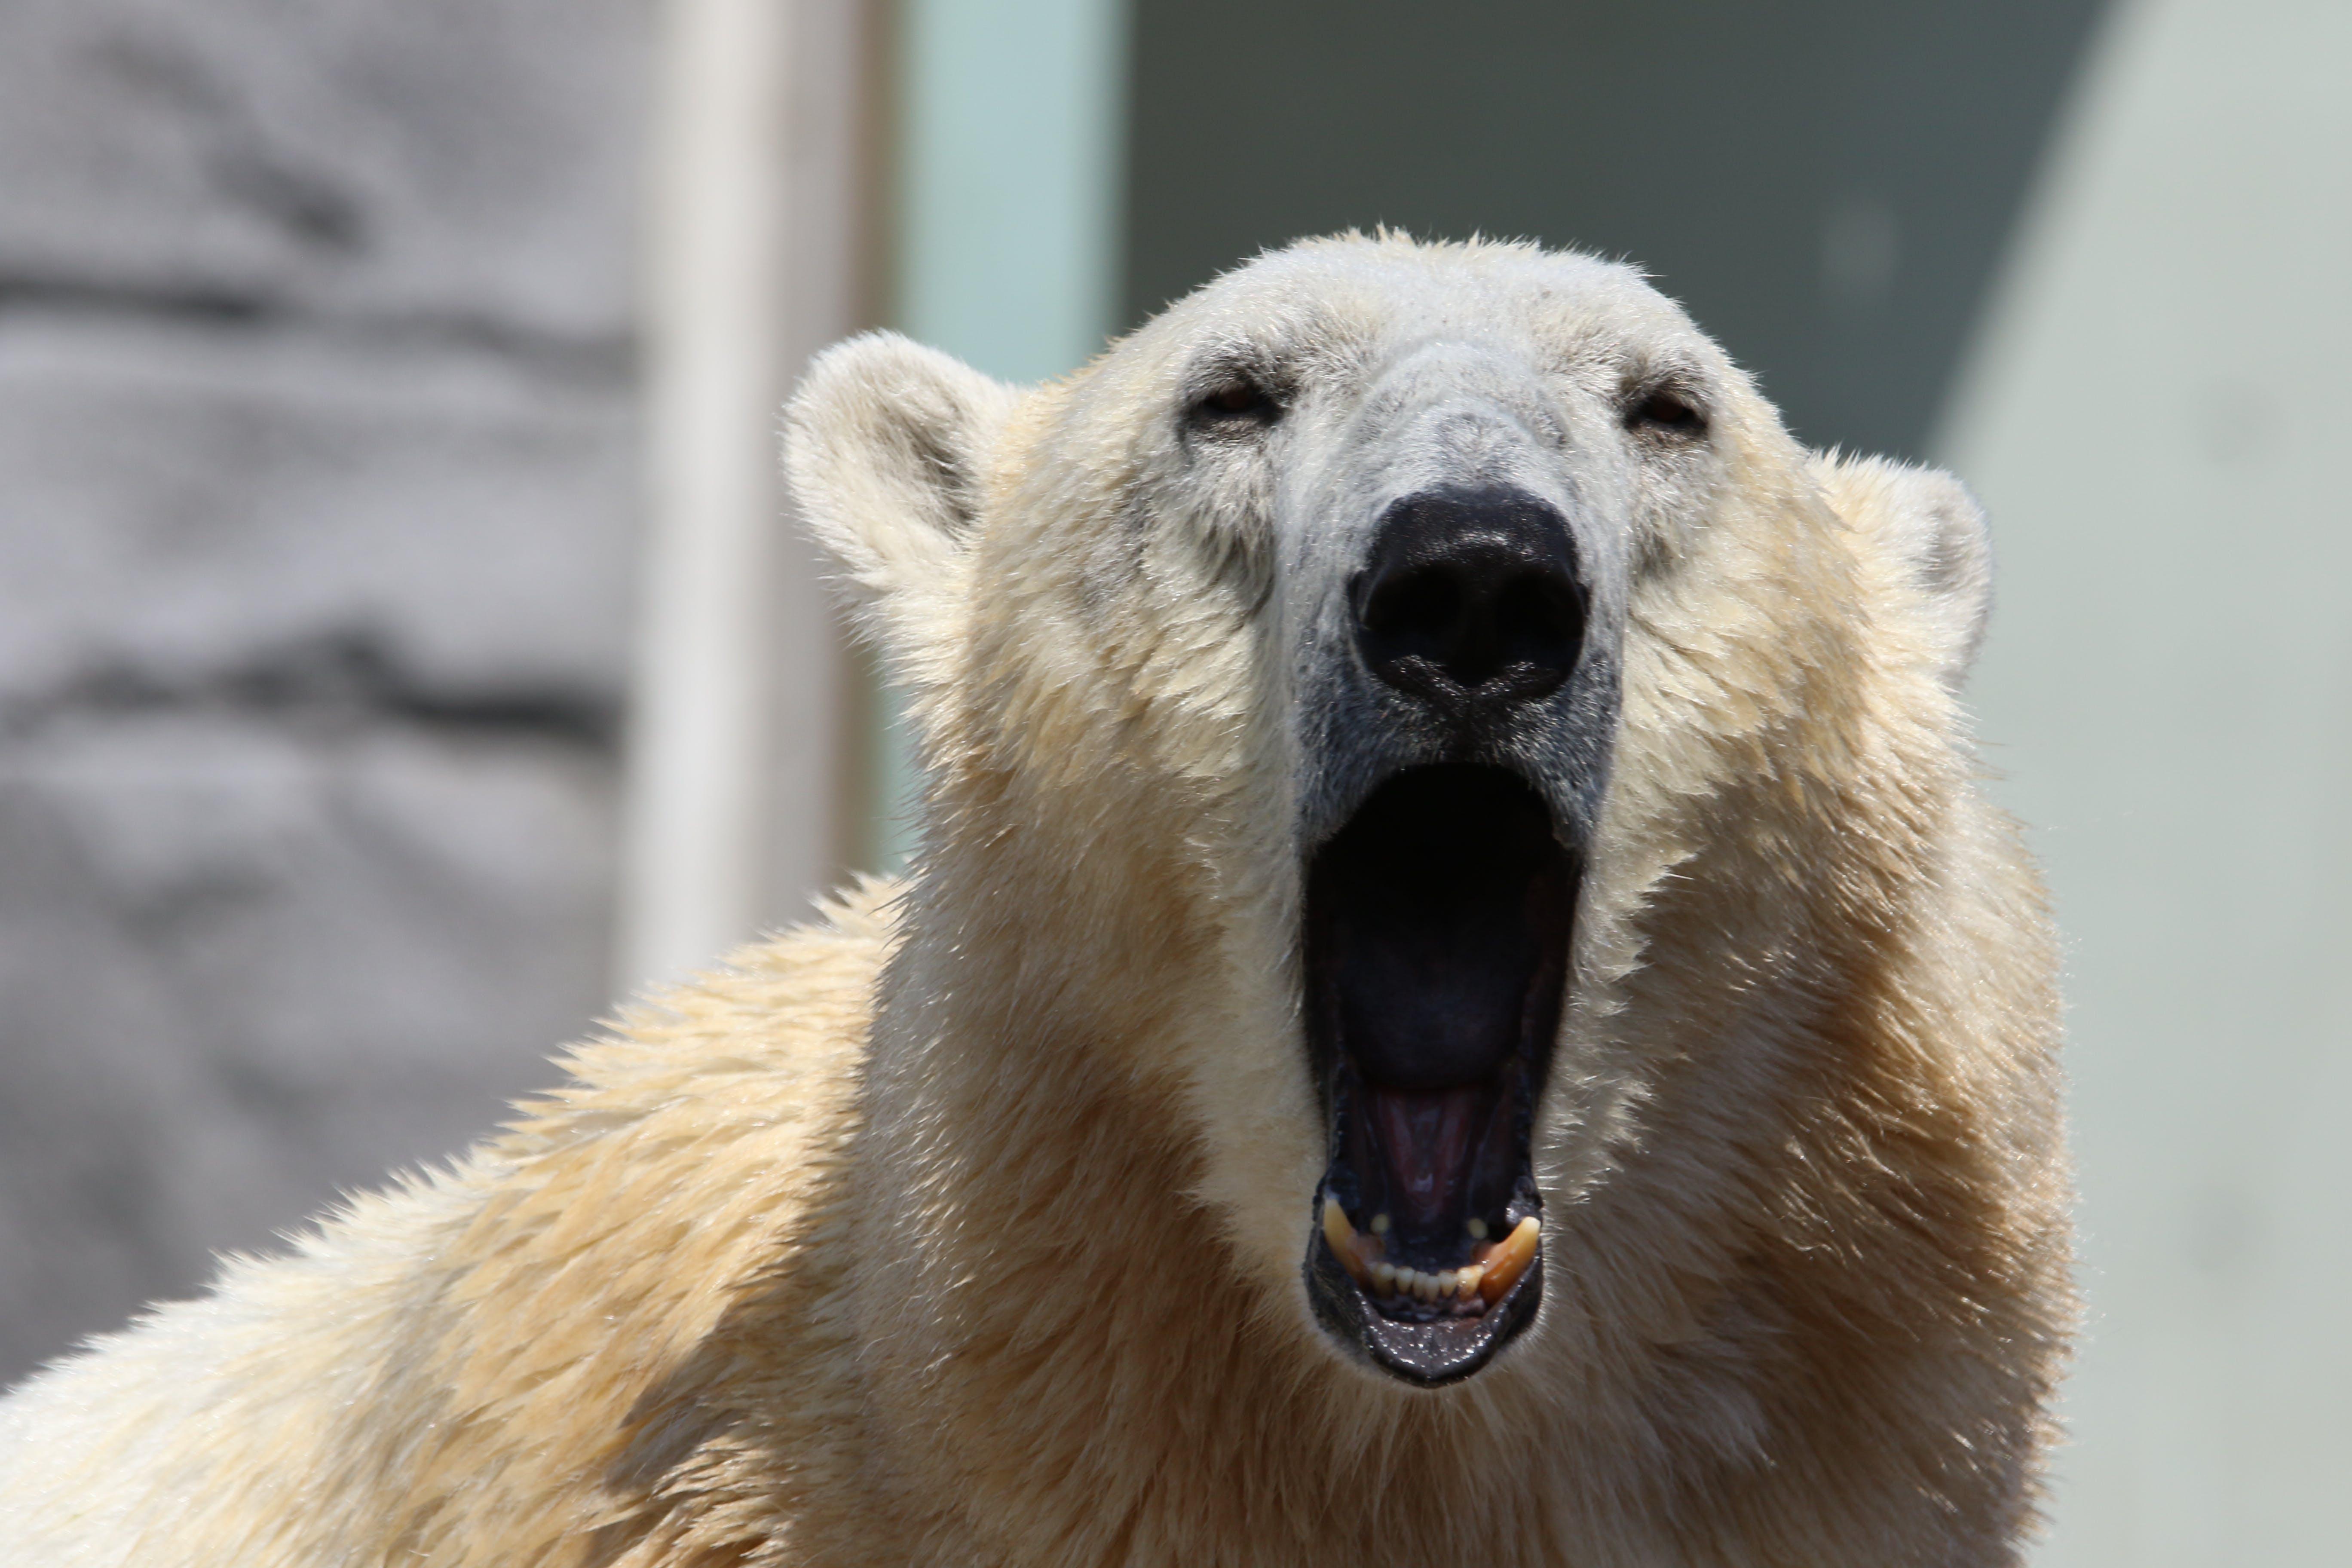 Polar Bear Howling to the Camera